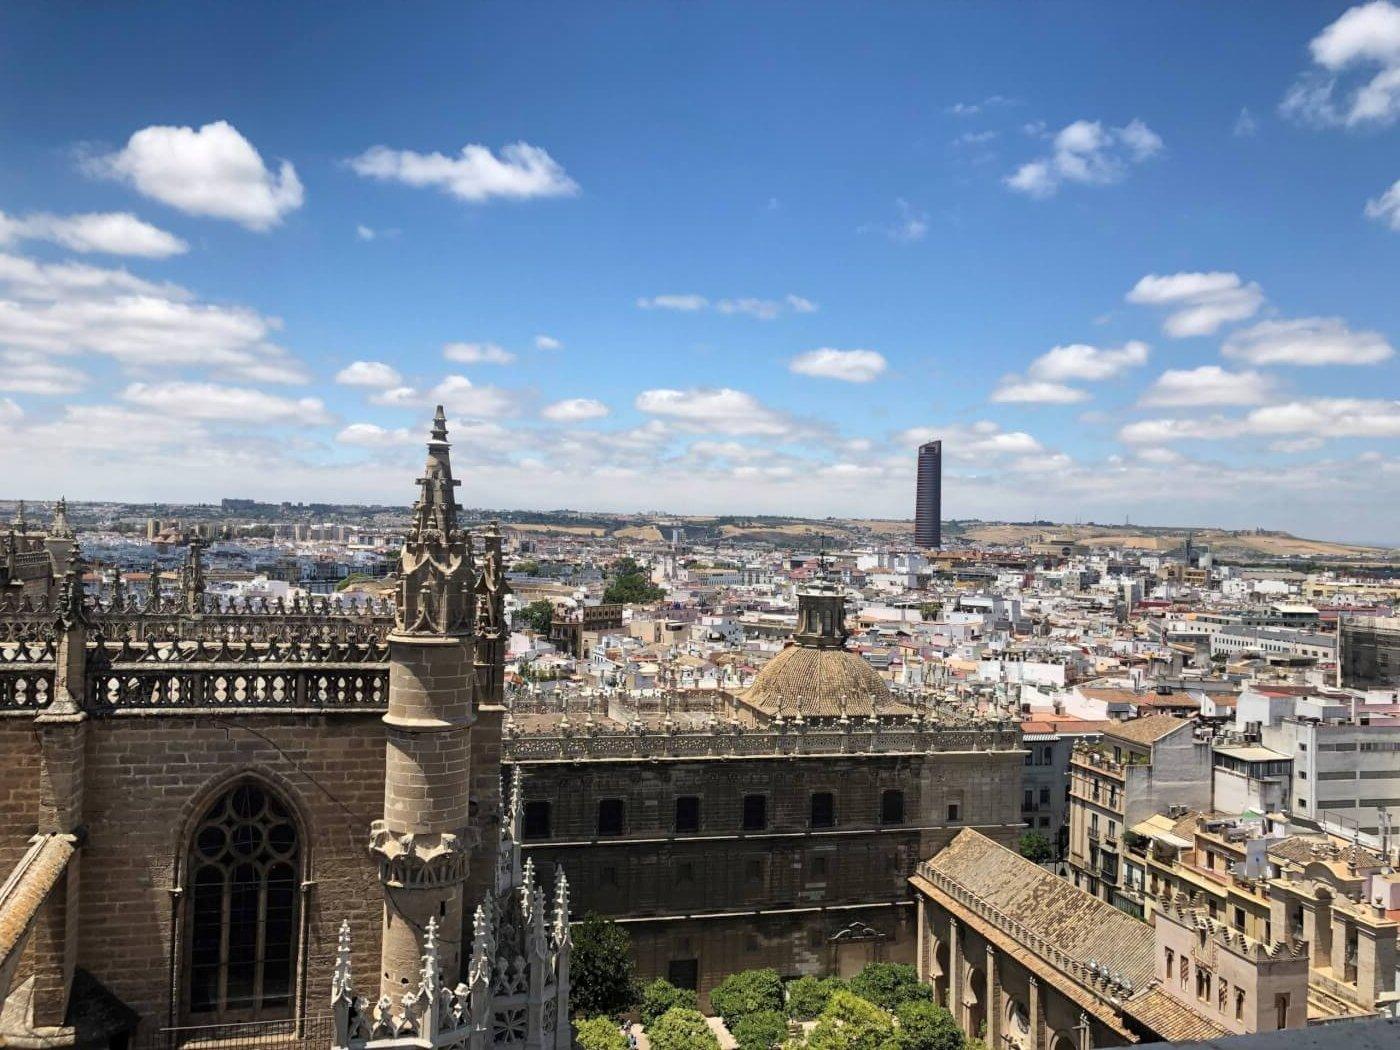 Spanish view